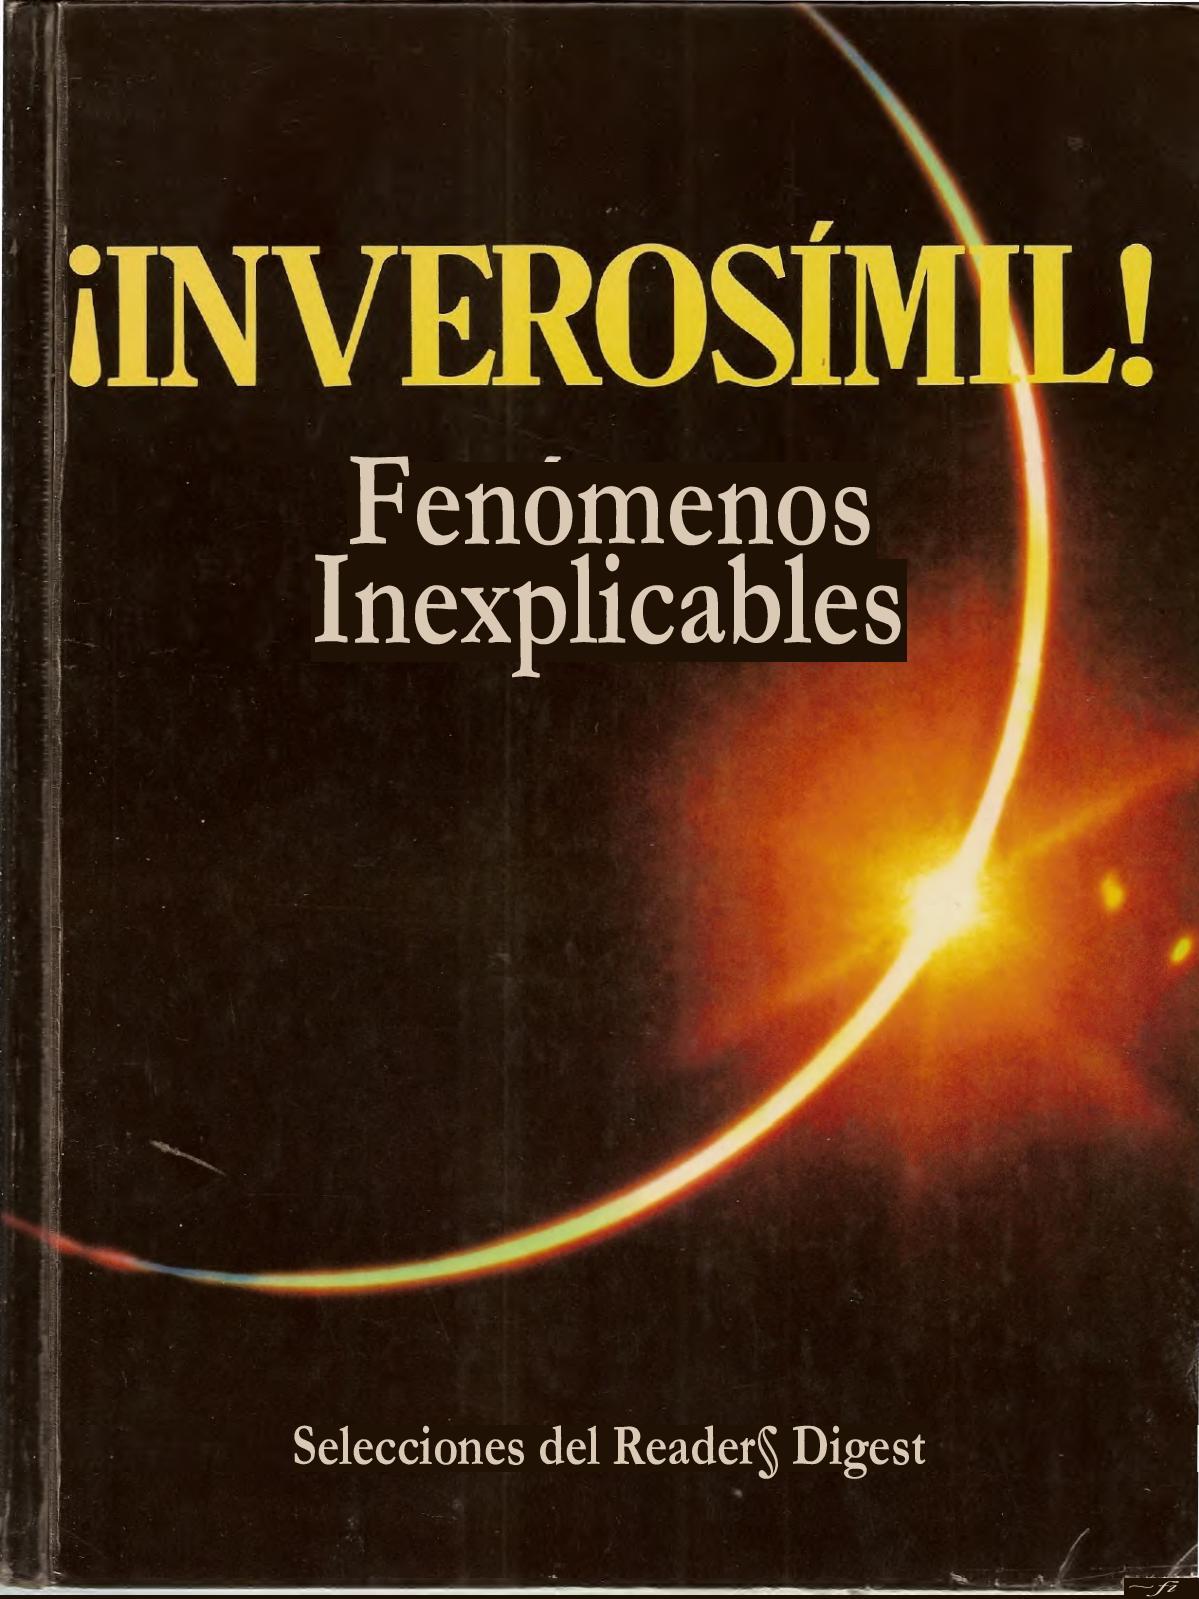 2f1a369e4 Calaméo - Readers Digest Inverosimil Fenomenos Inexplicables